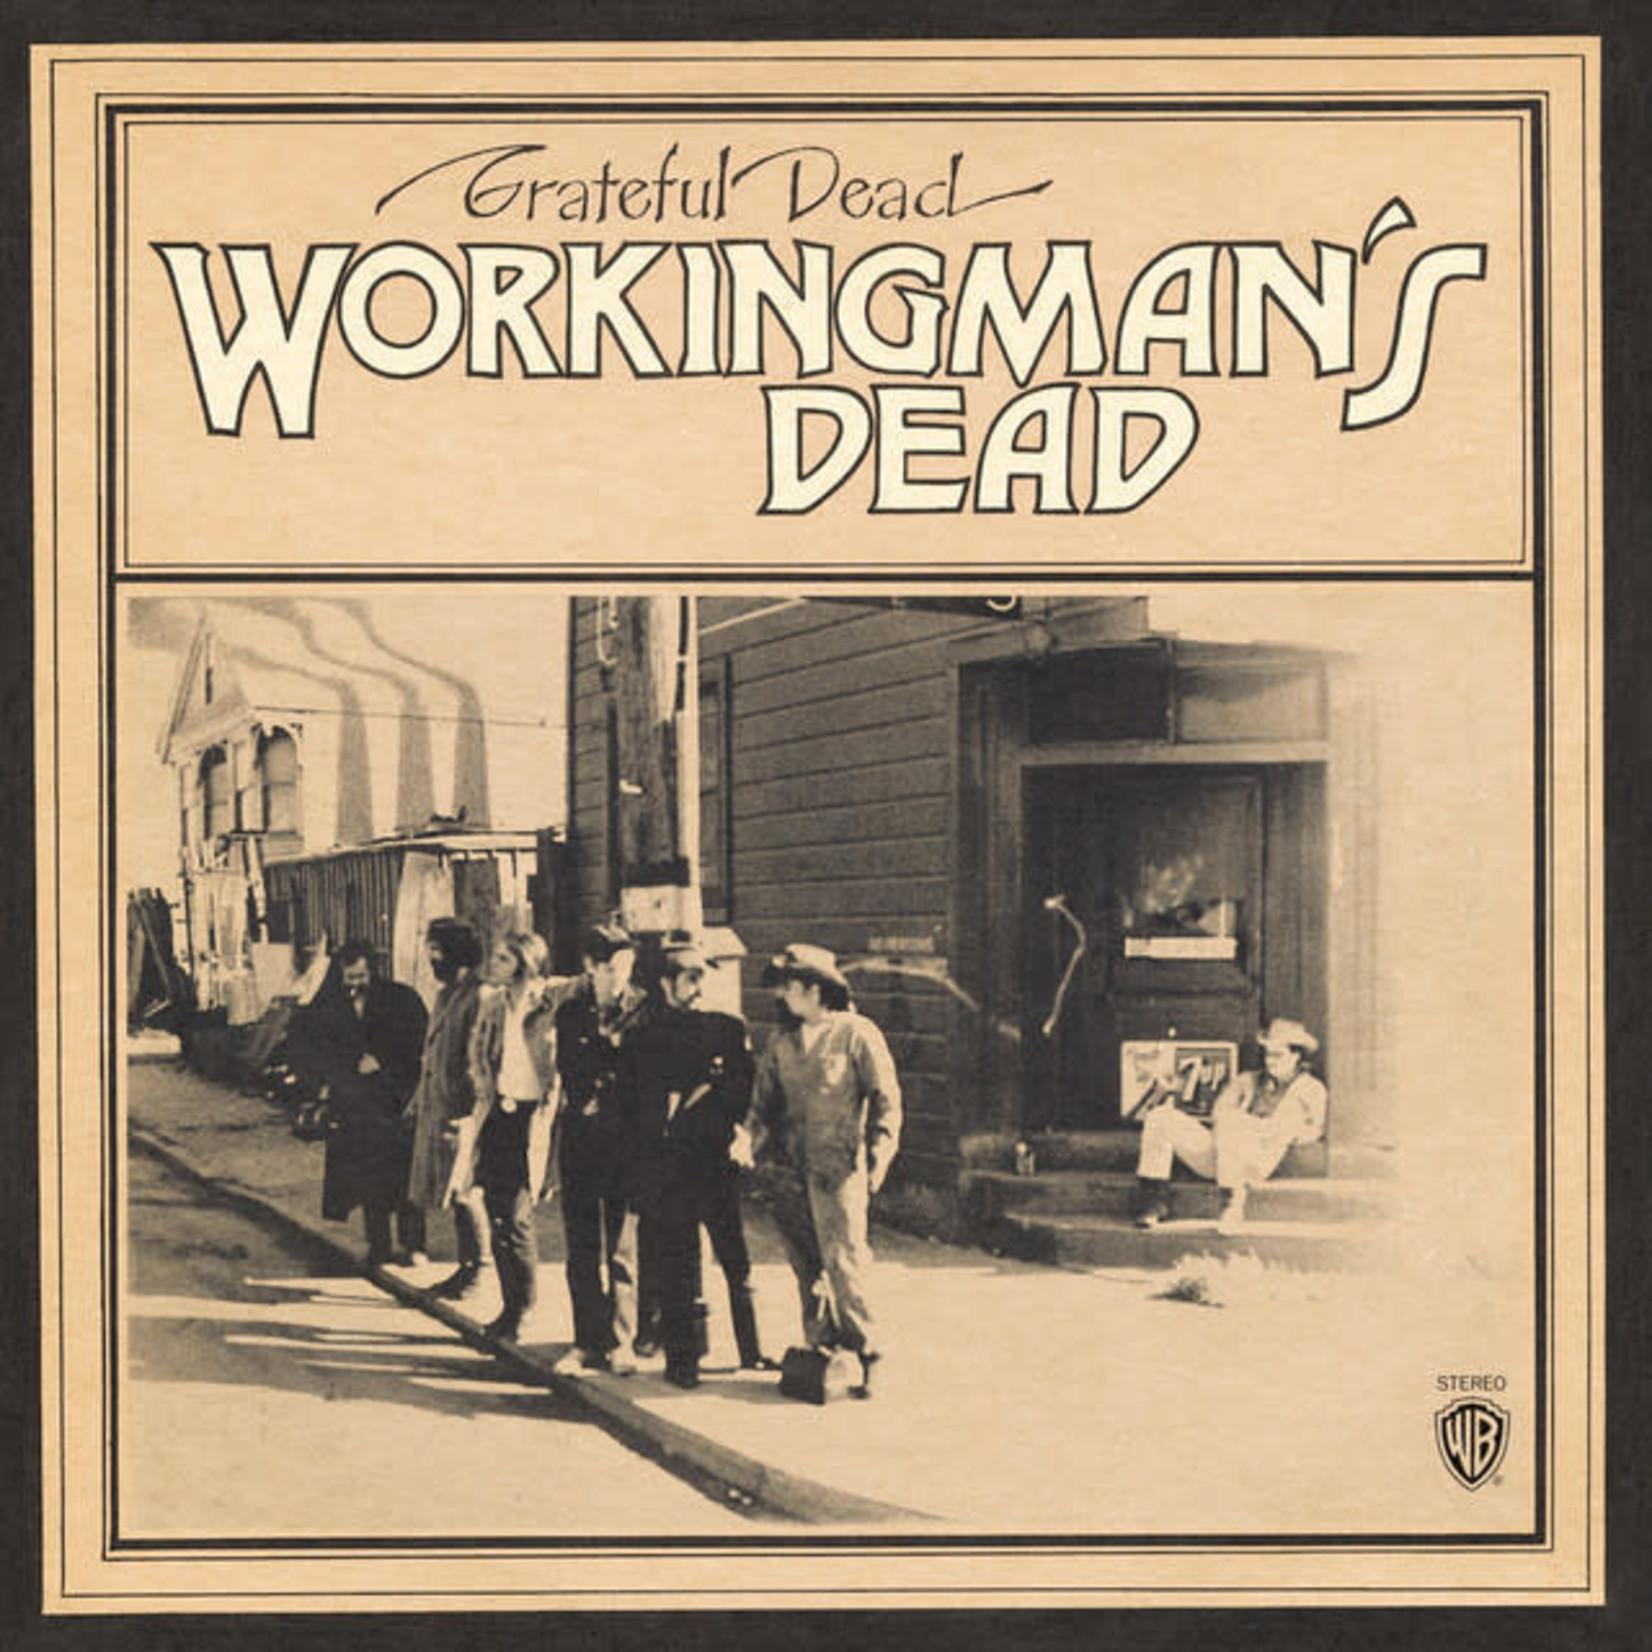 Vinyl The Grateful Dead - Workingman's Dead